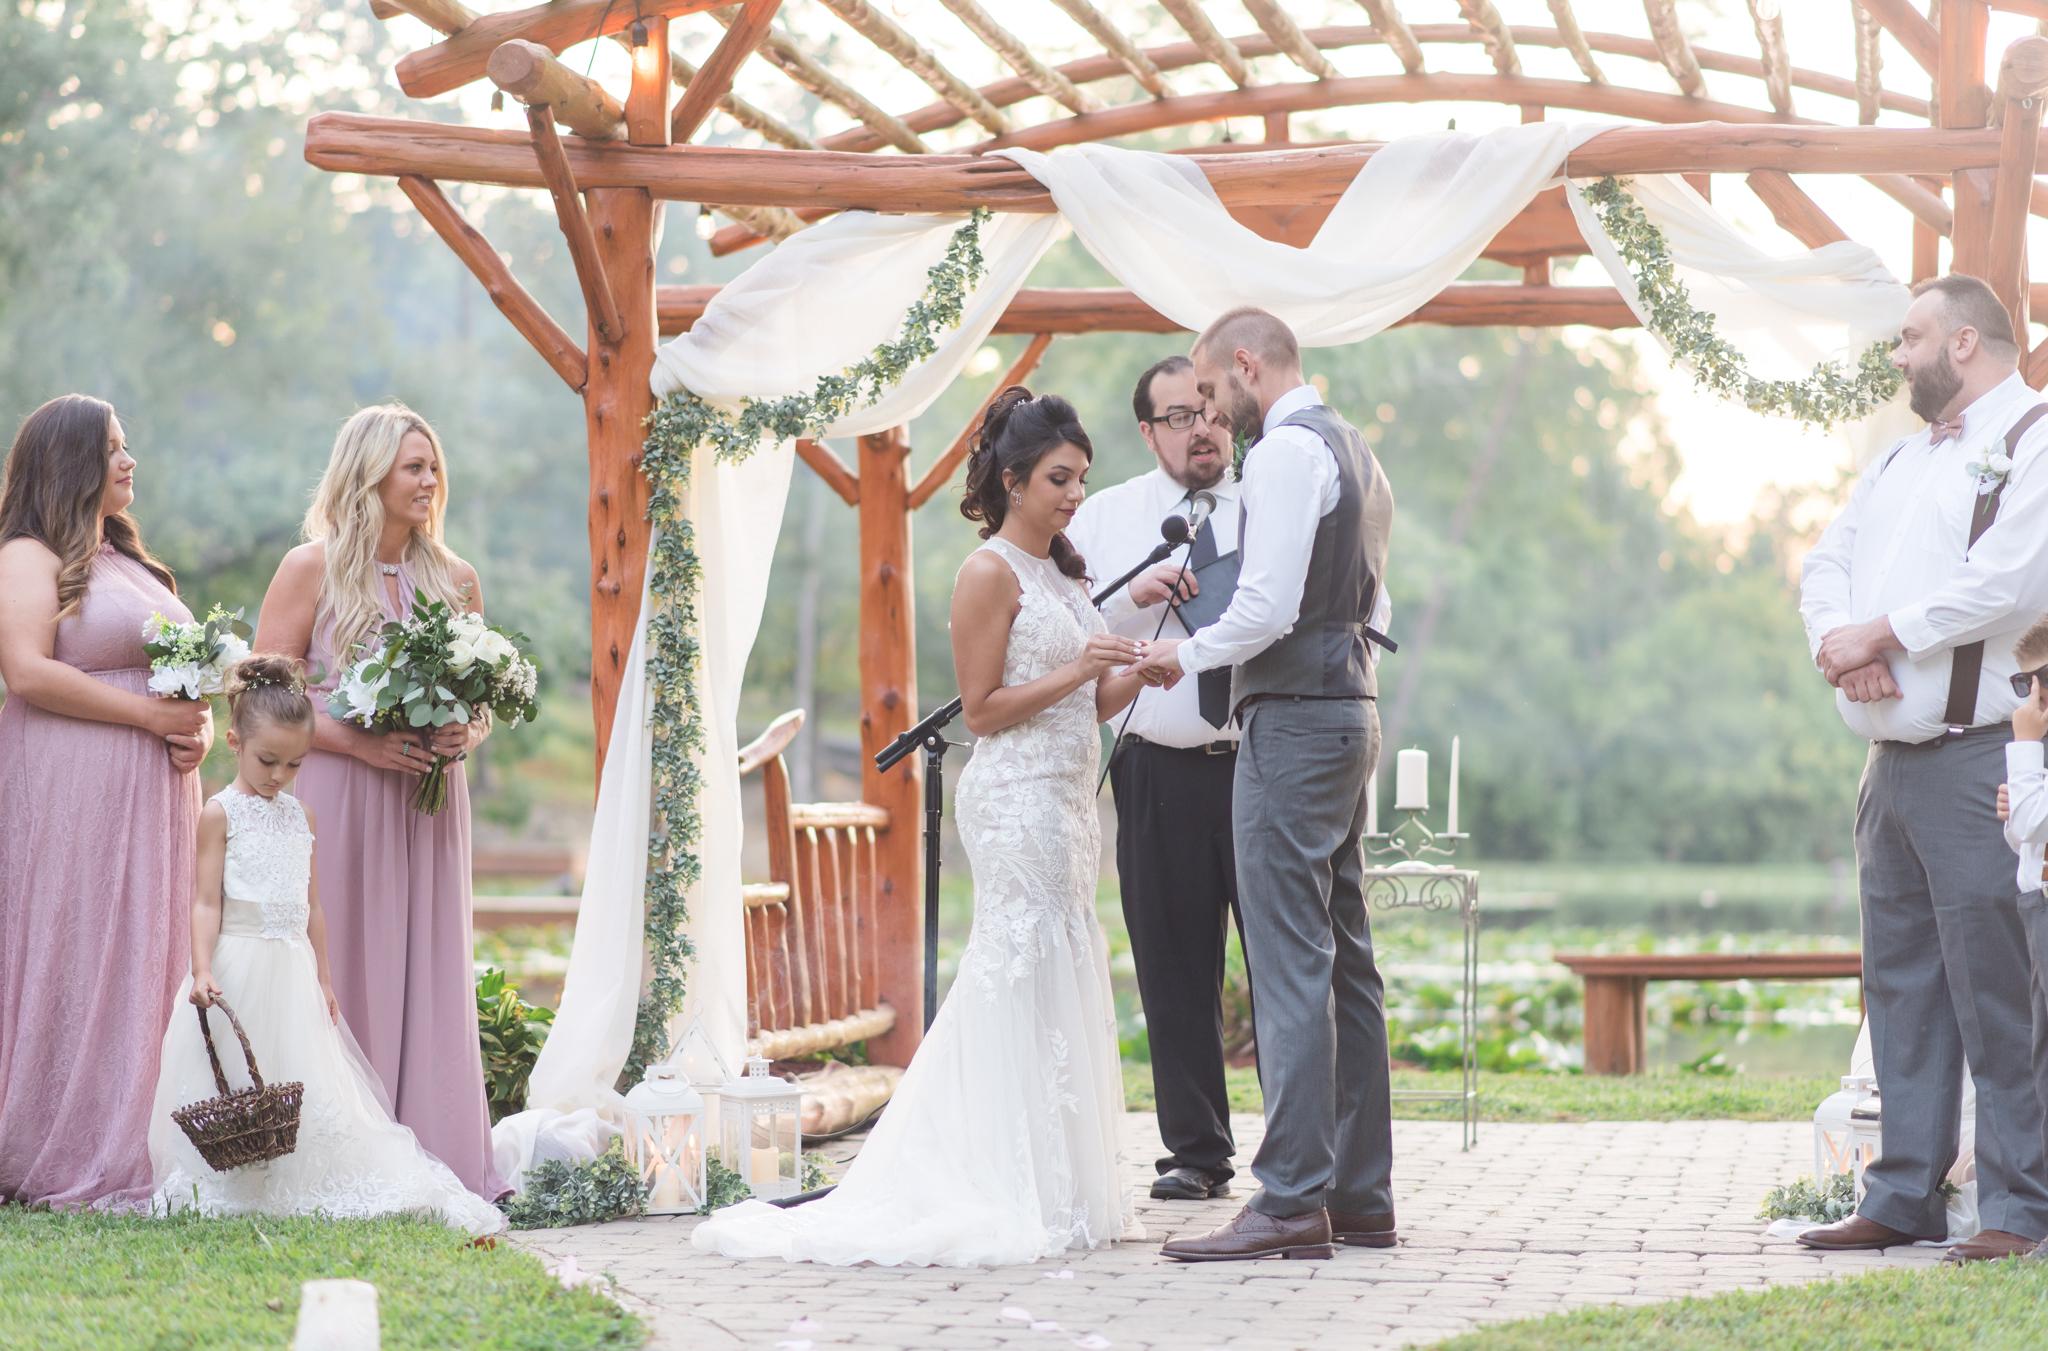 Lexington Kentucky wedding, outdoor wedding, Stanton